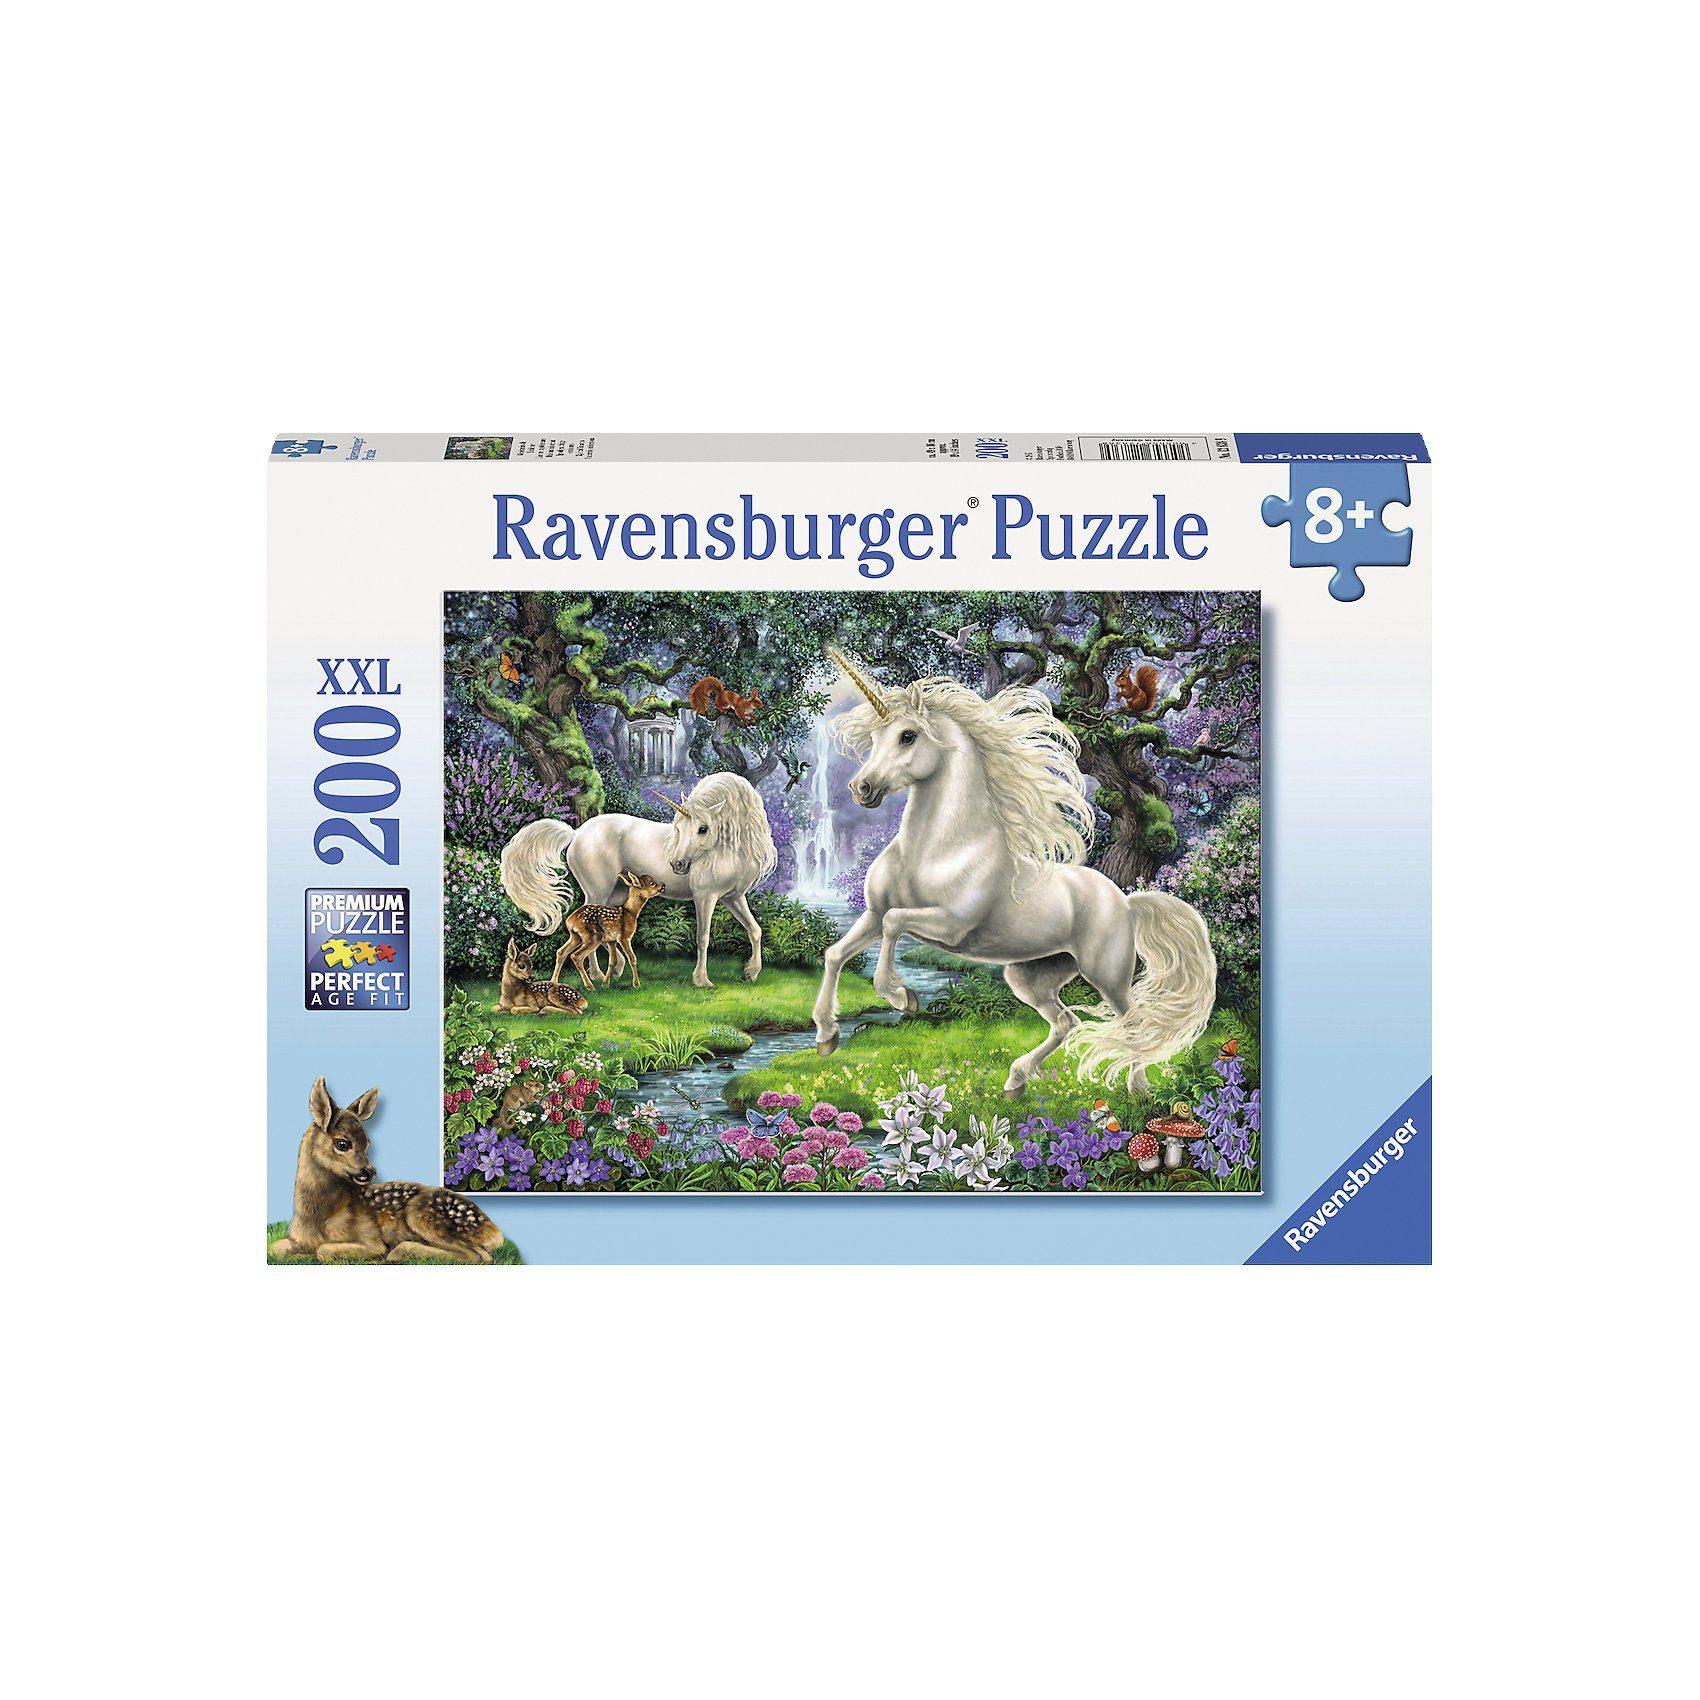 Ravensburger Puzzle, 200 Teile XXL, 49x36 cm, Geheimnisvolle Einhörner